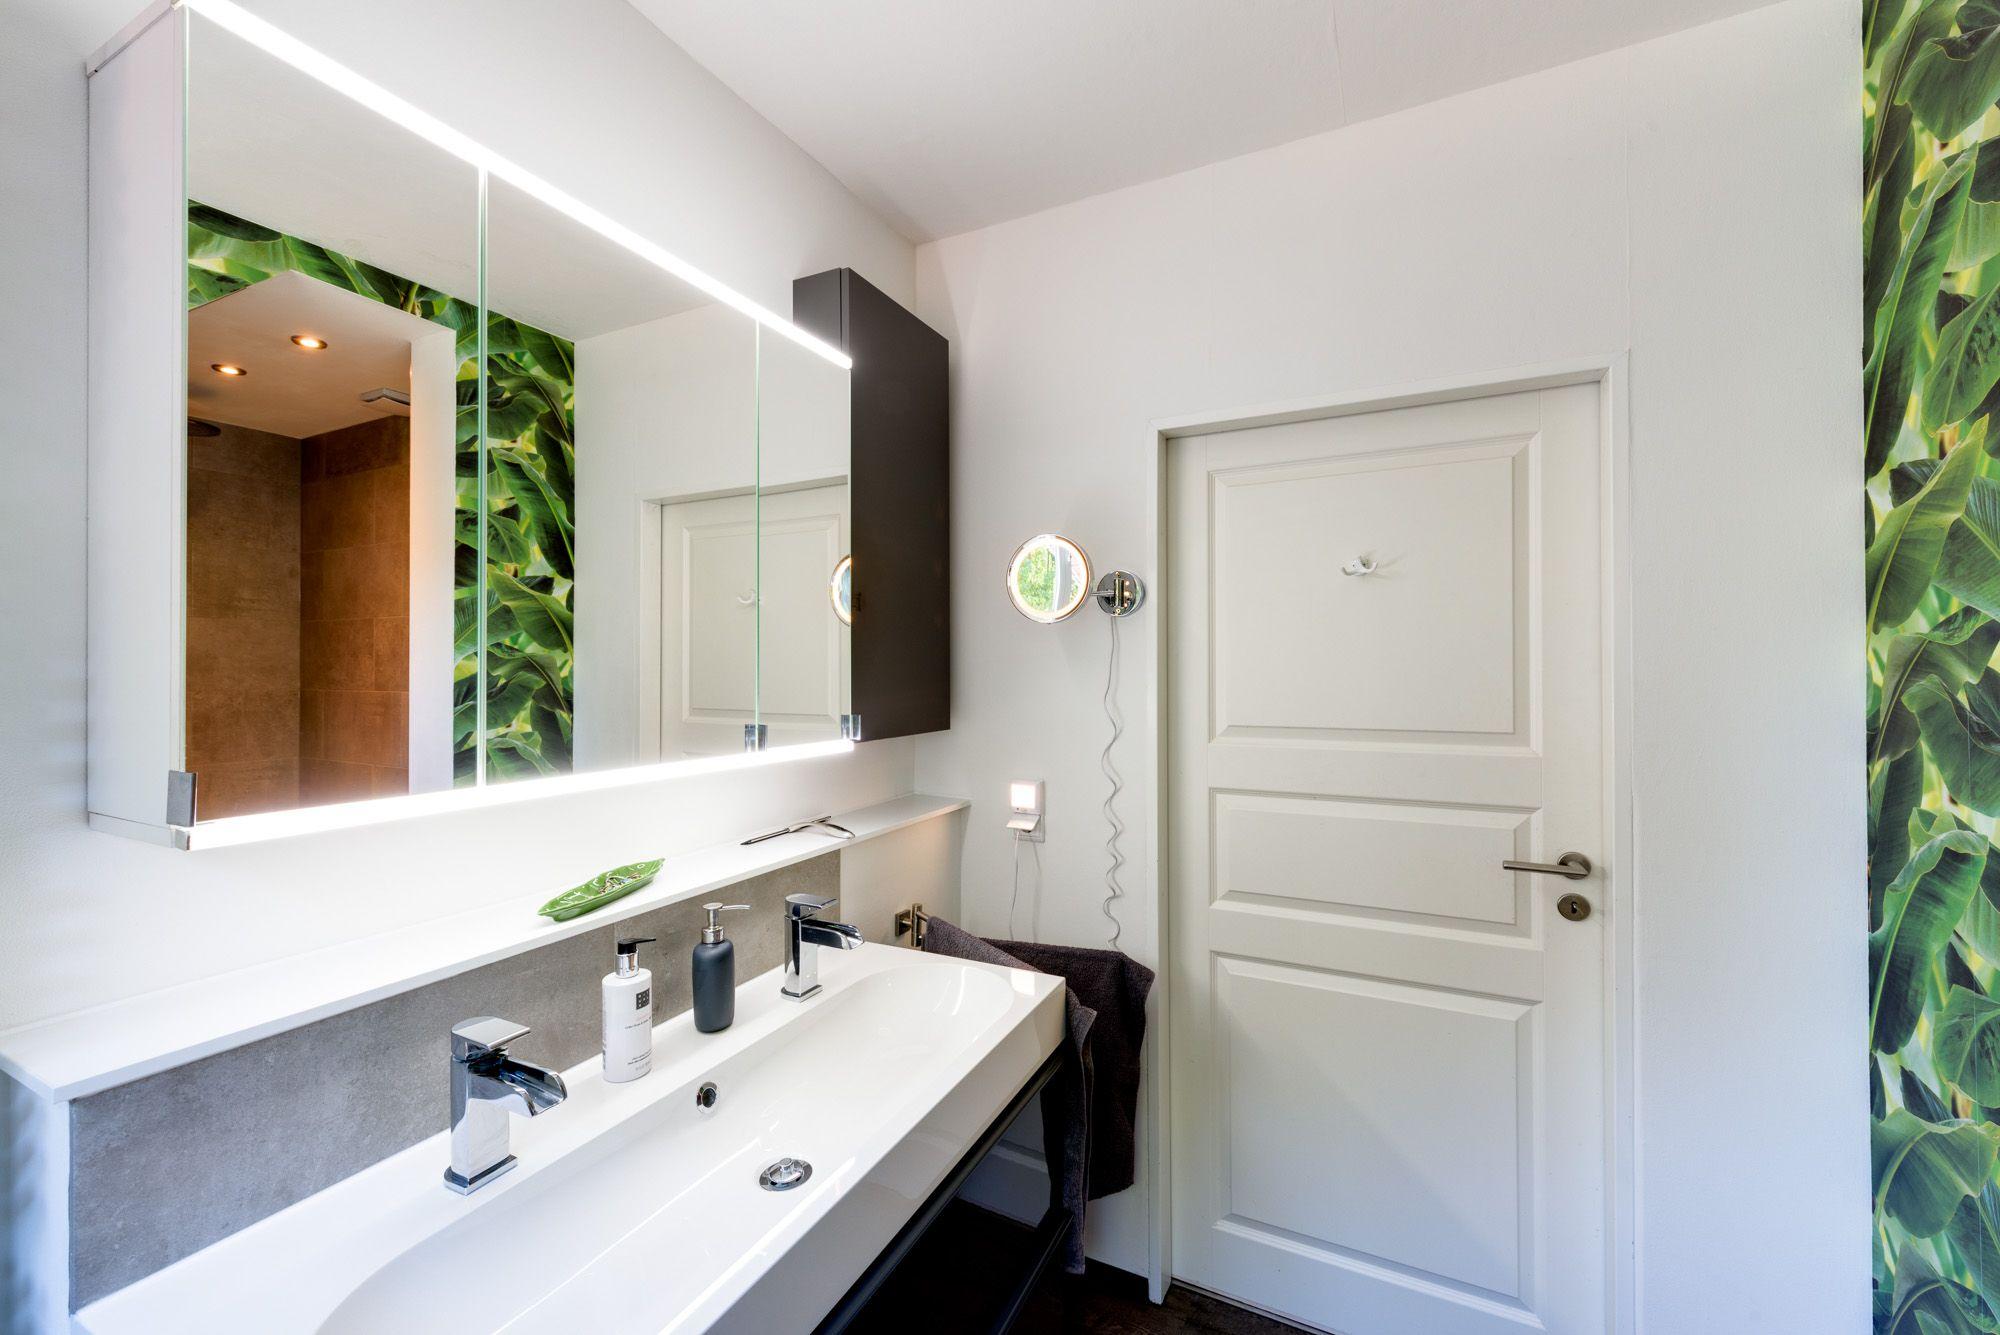 Traumbader Planen Gestalten Spiegelschrank Bad Badezimmer